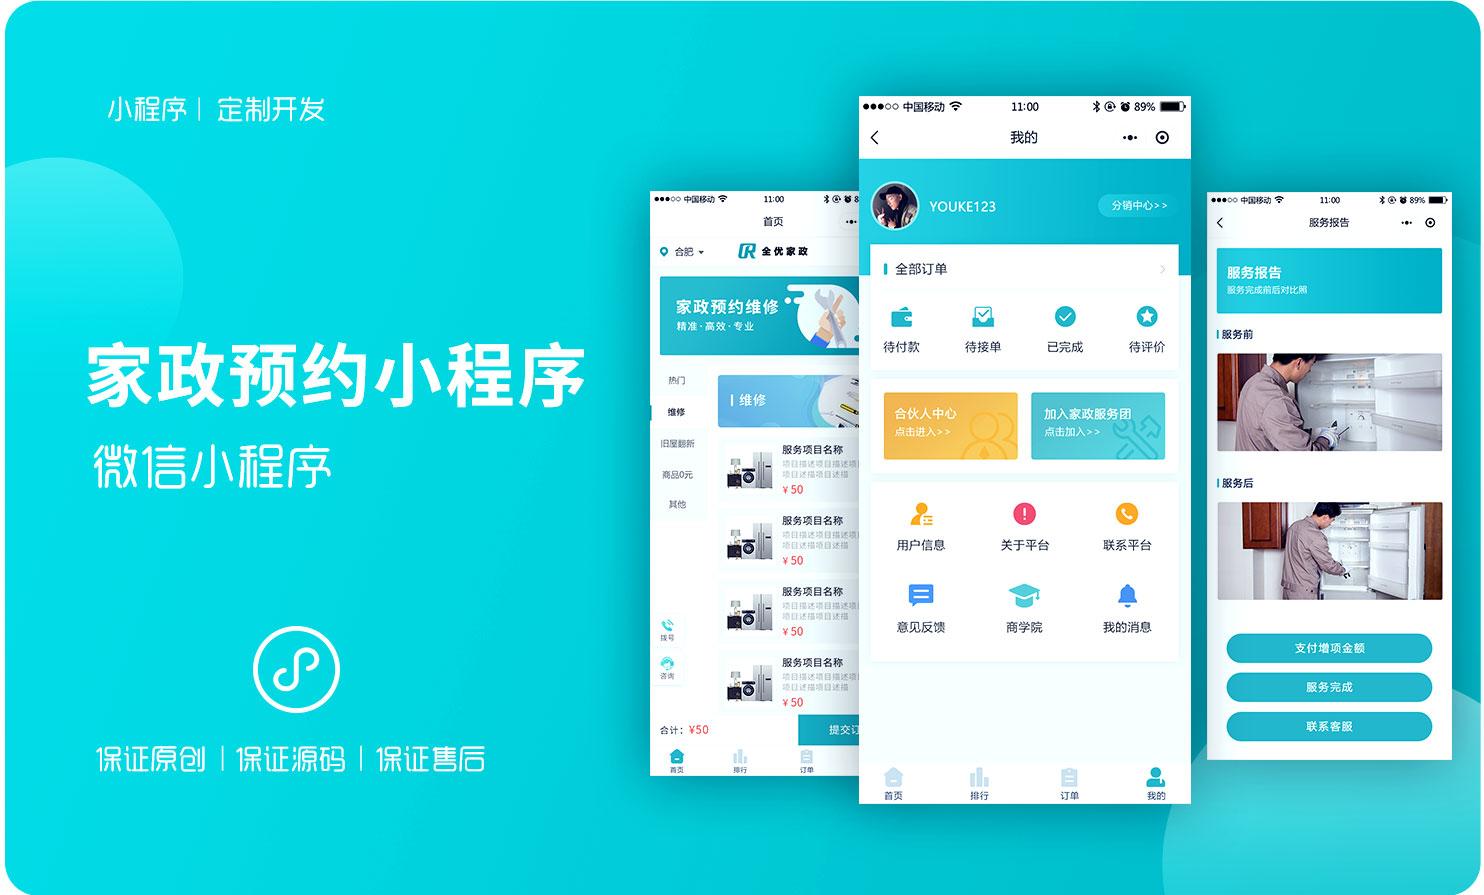 微信小程序apph5开发服装商城系统在线购买西装西裤量身定制